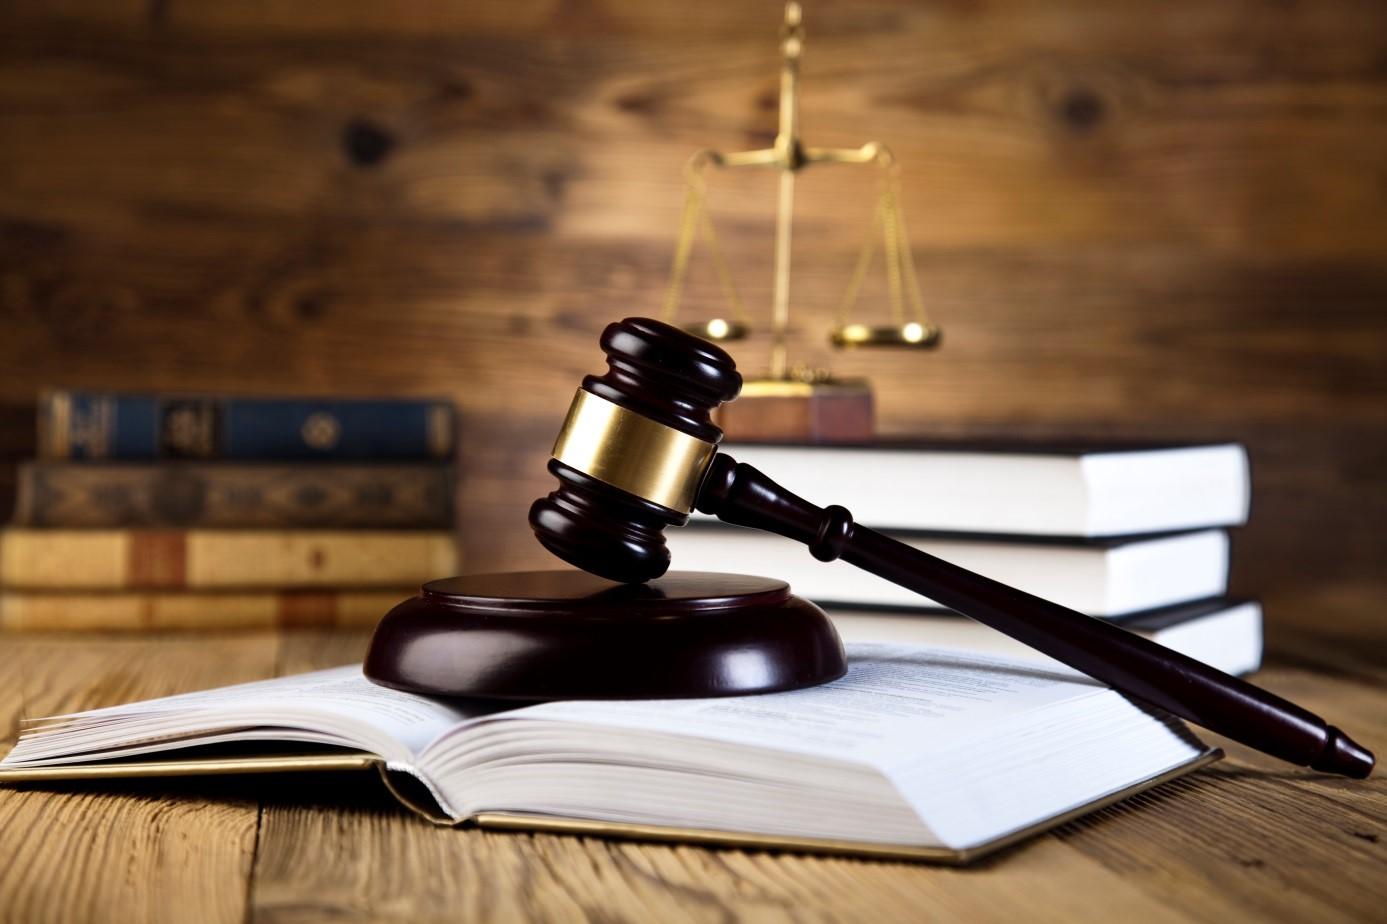 podstawy prawne windykacji długów